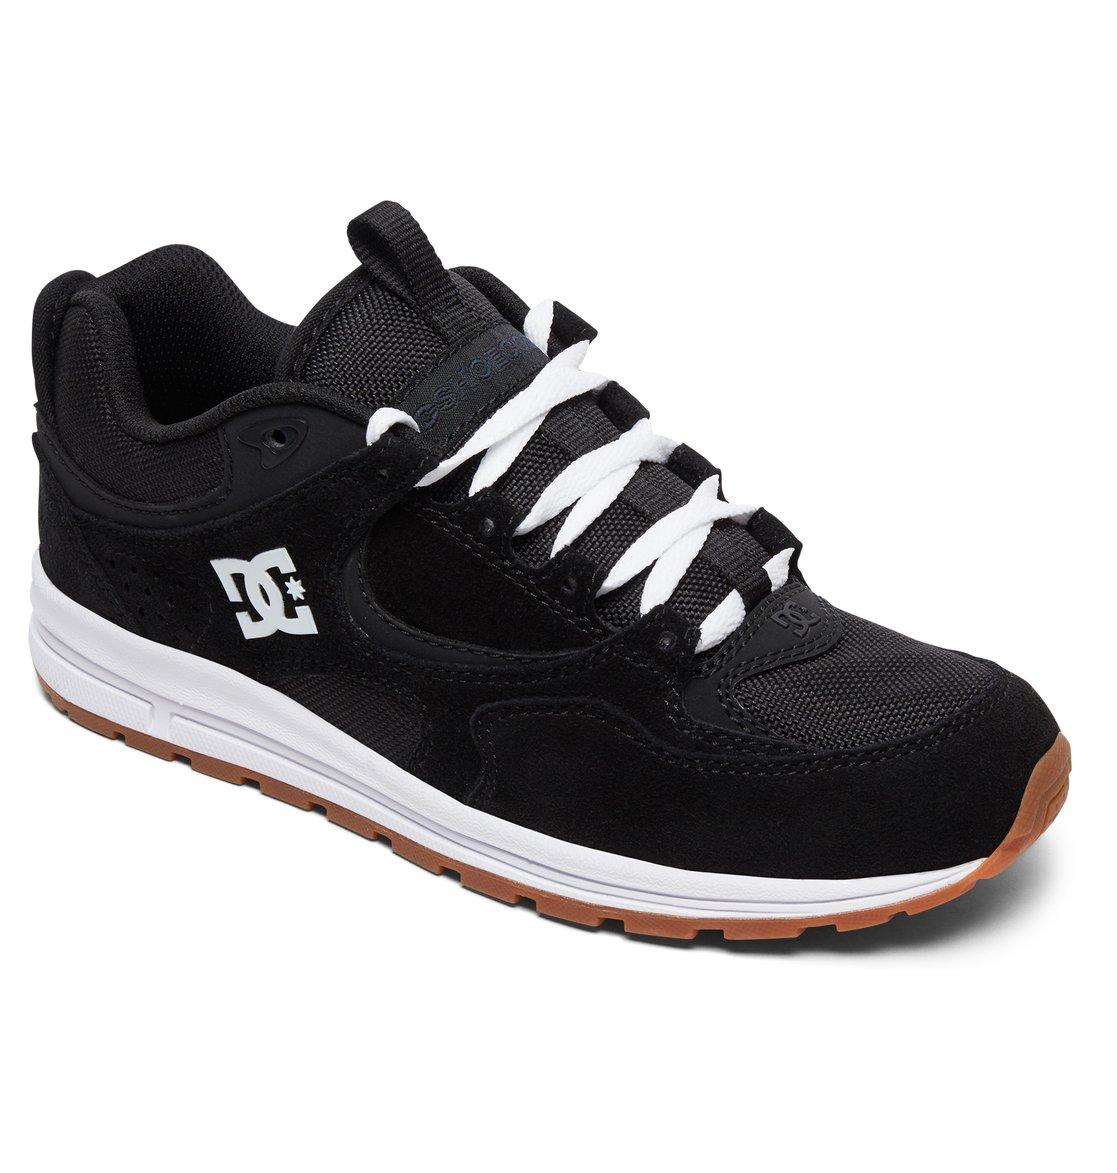 wholesale dealer 0ea22 11e92 Women's Kalis Lite Shoes